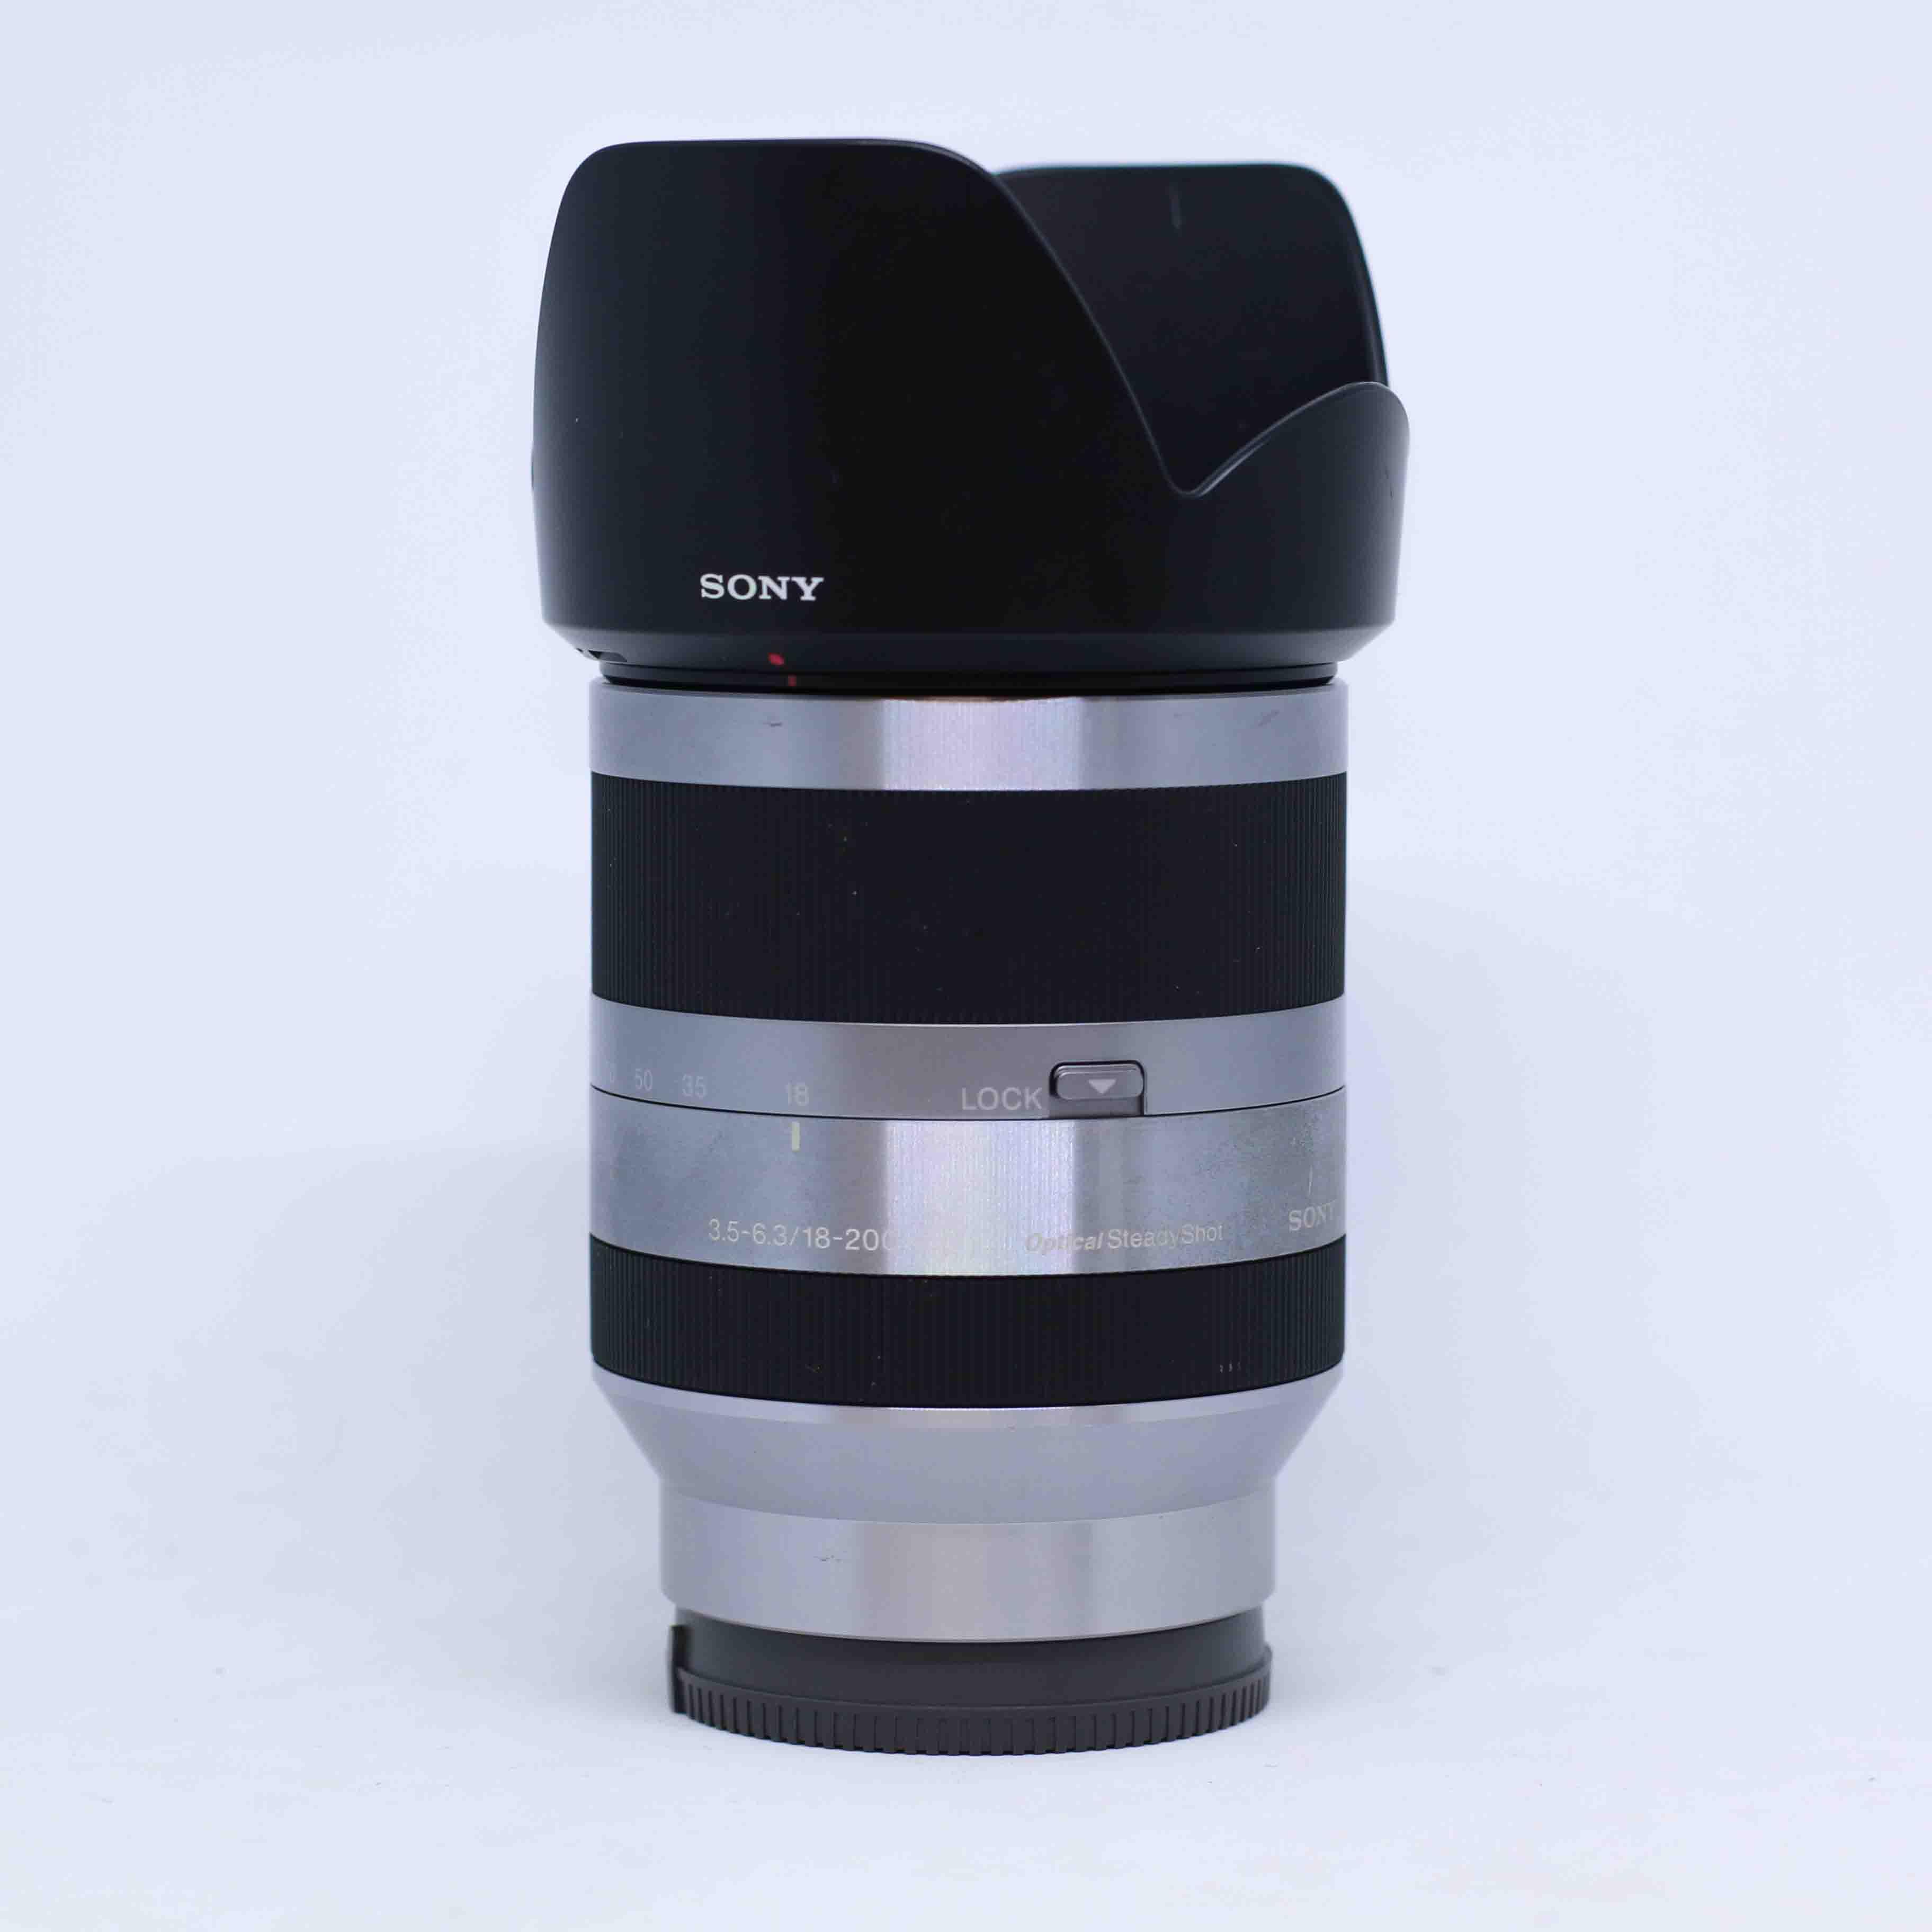 Ống kính Sony Sel 18-200mm F/3.5-6.3 OSS